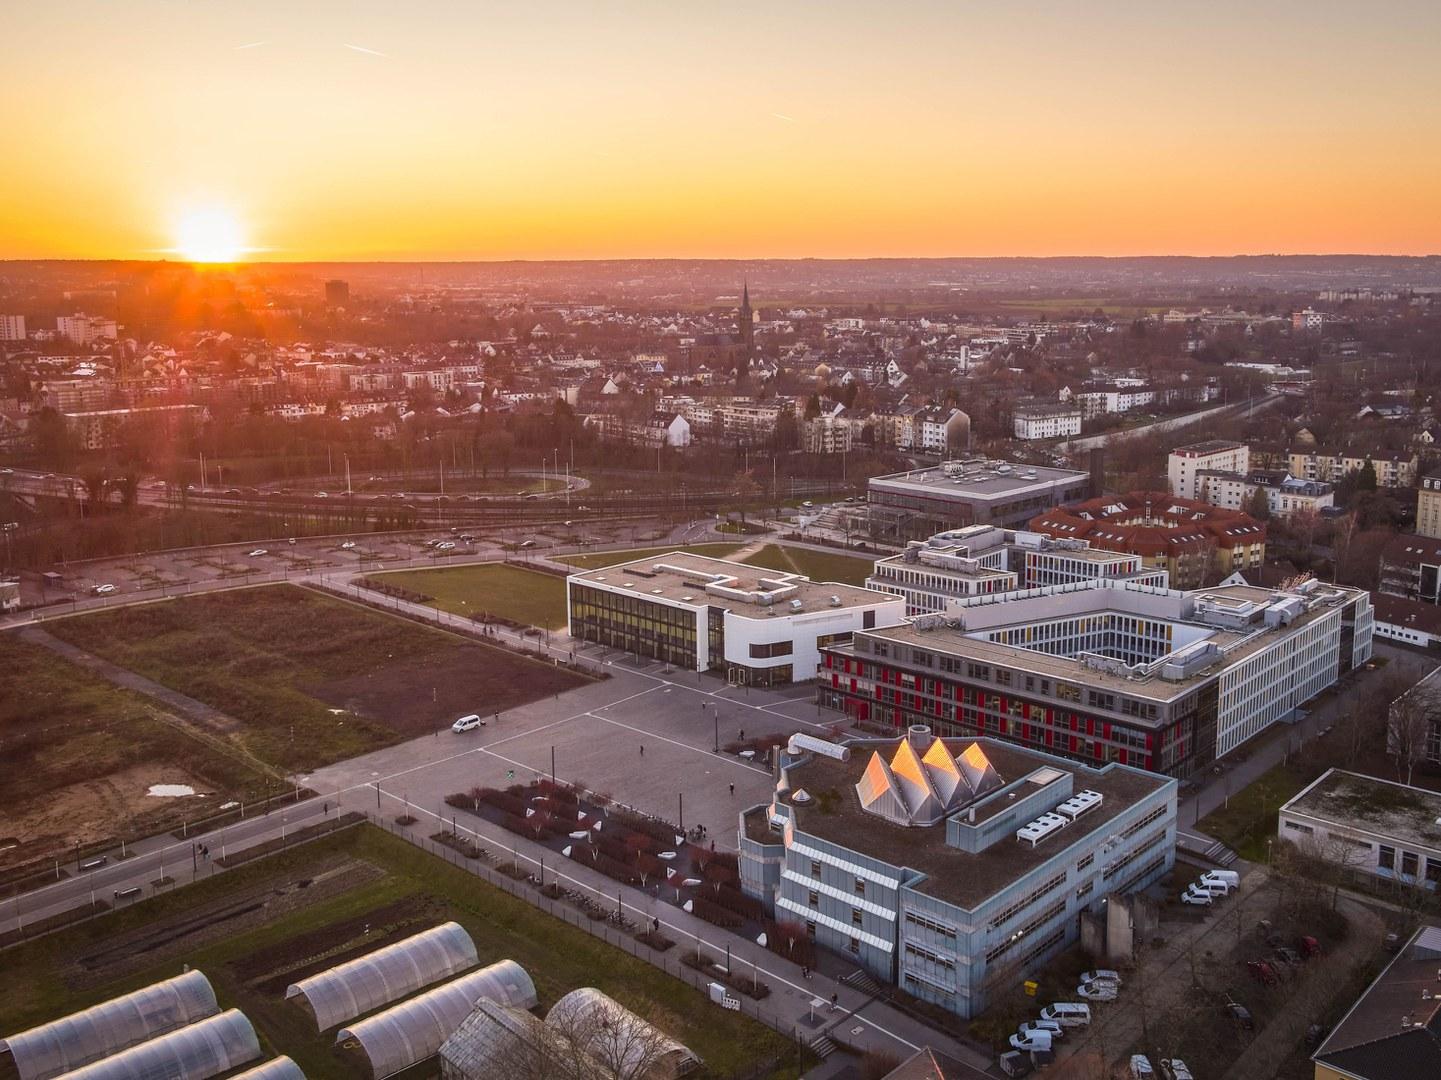 Der zentrale Platz des Campus Poppelsdorf soll der Standort des Lehr- und Forschungsforums werden.